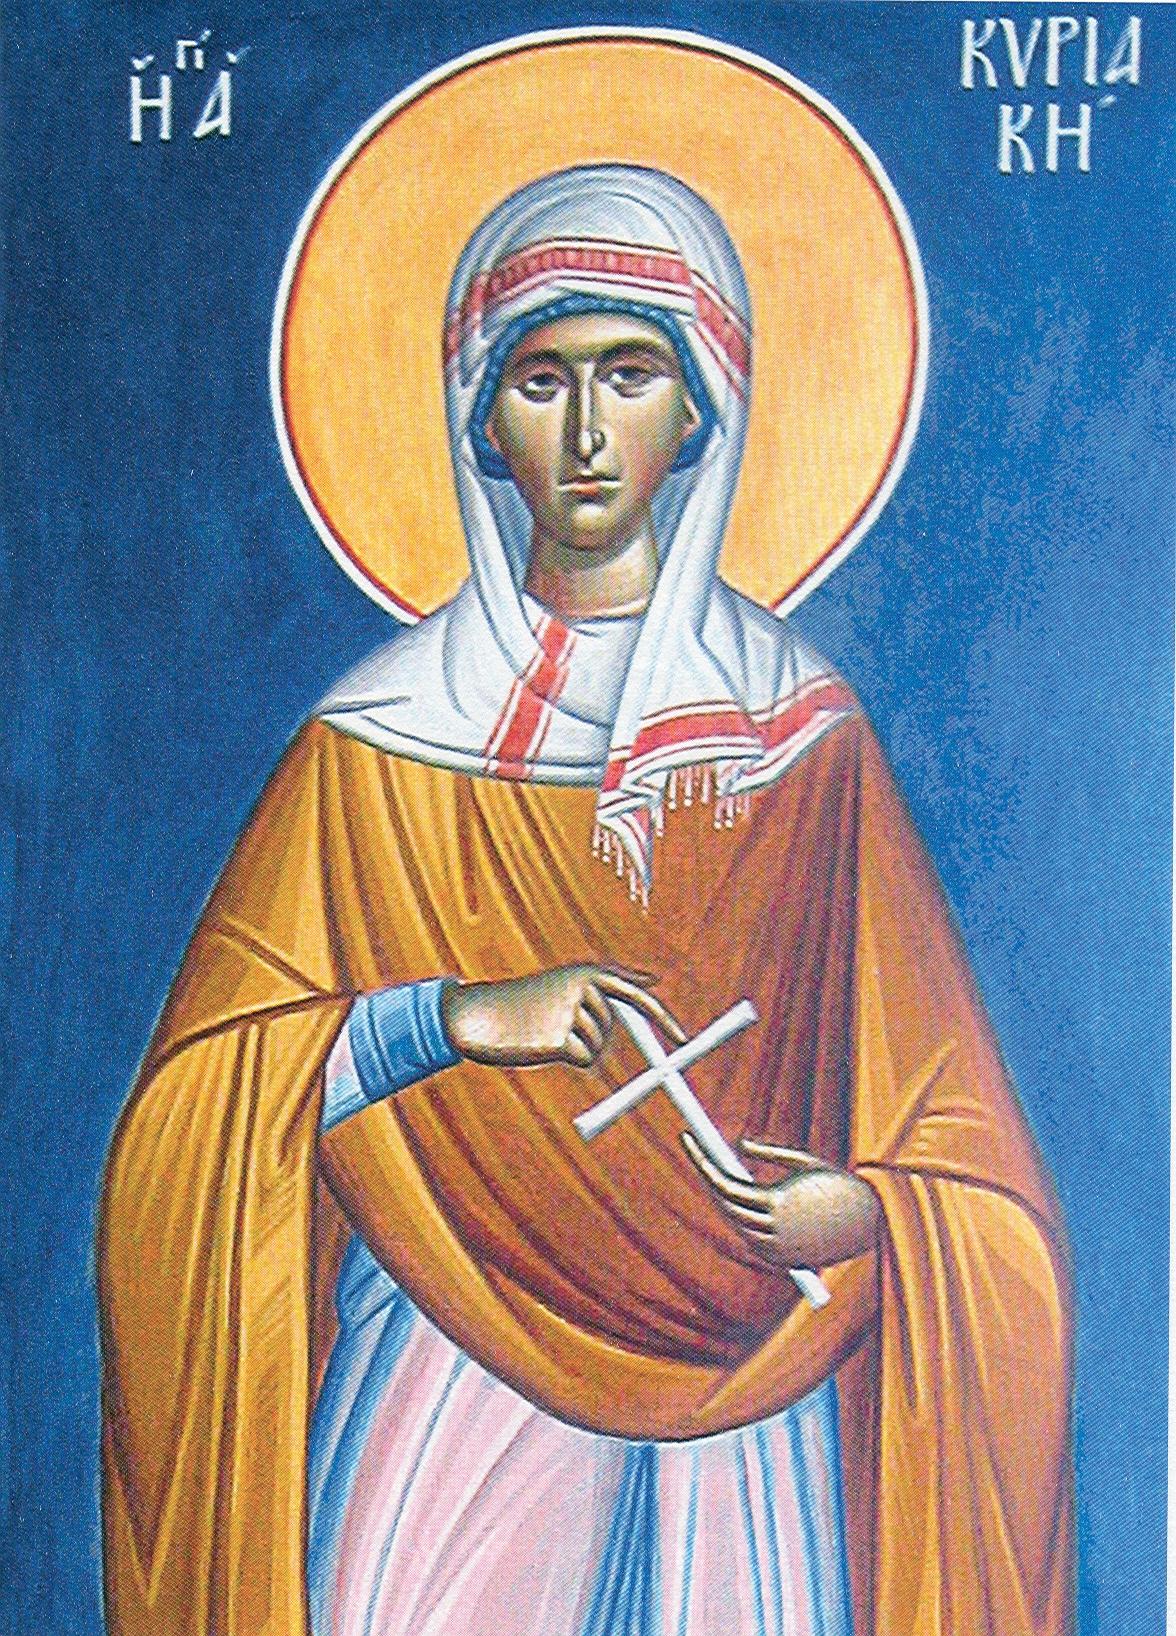 Saint Kyriake